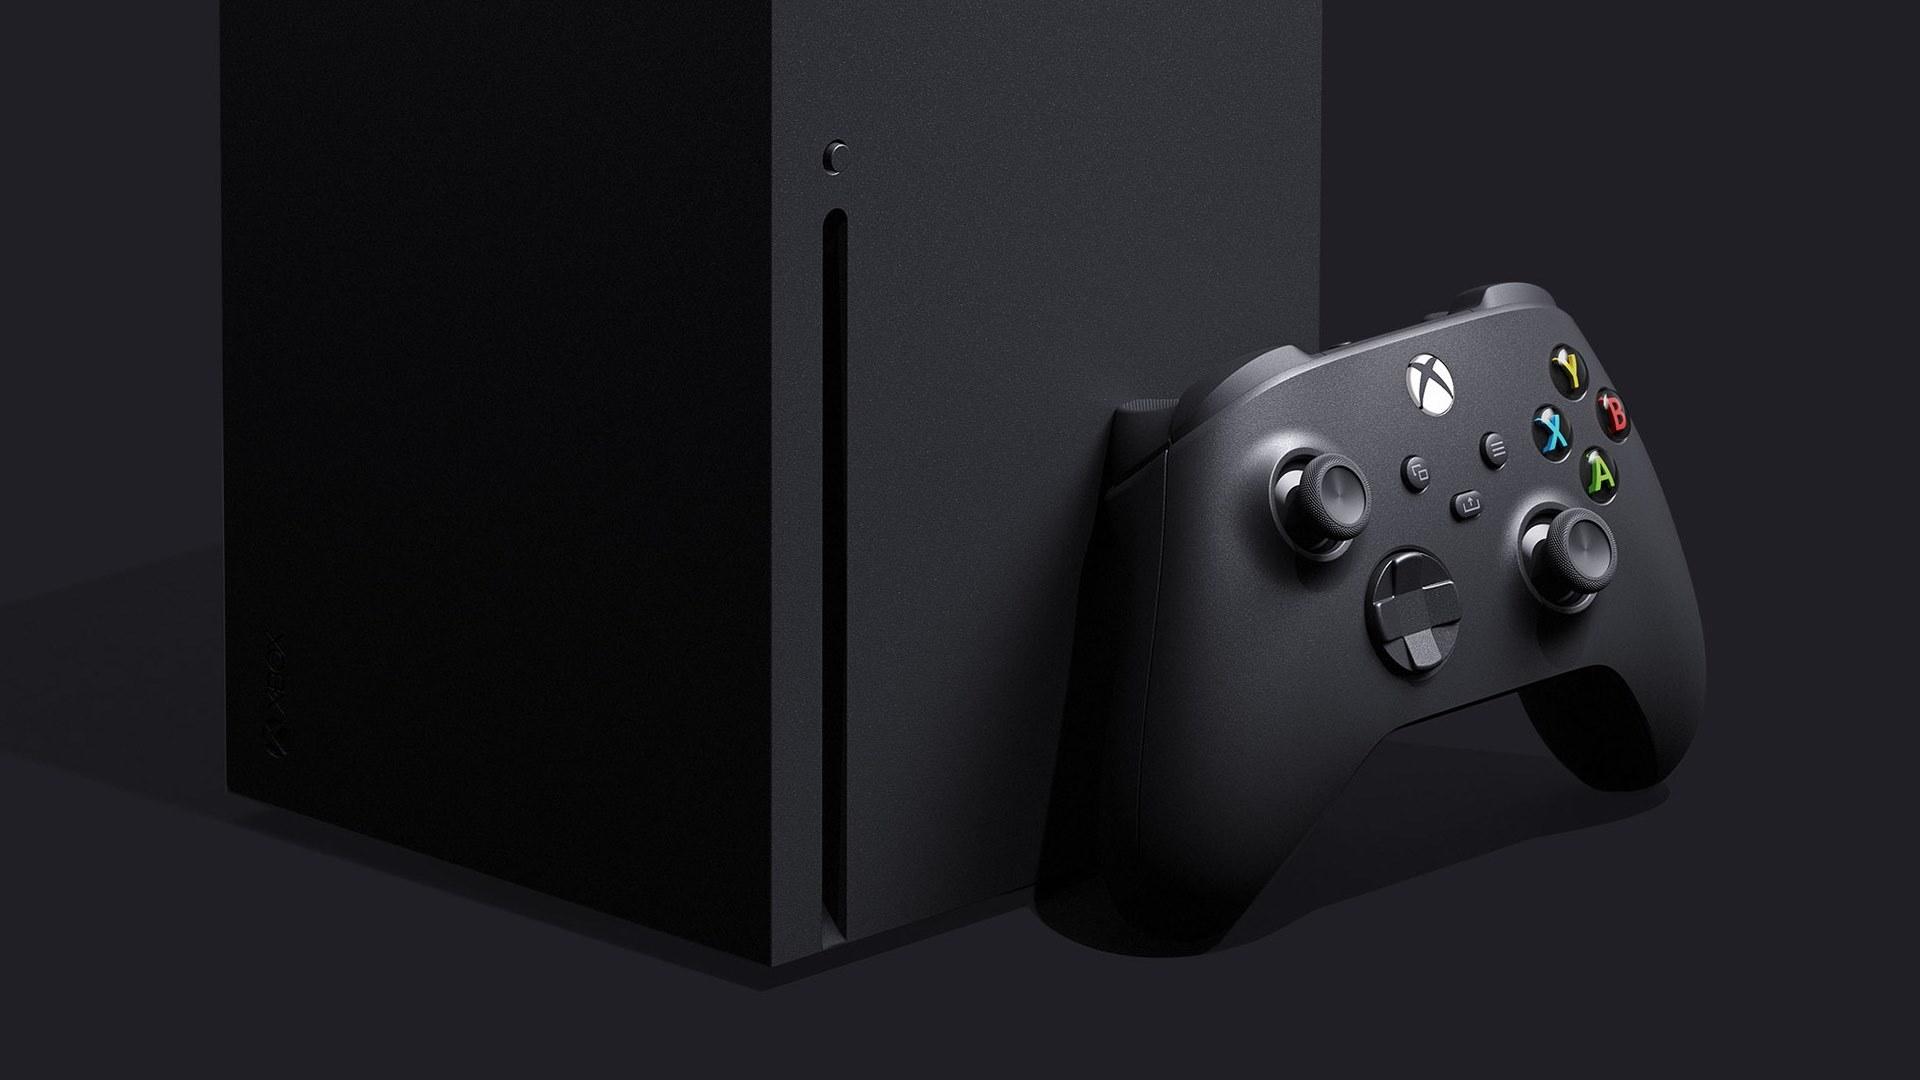 Smartphone 5 pouces, Xbox Series X et GodFall sur PS5 – Tech'spresso